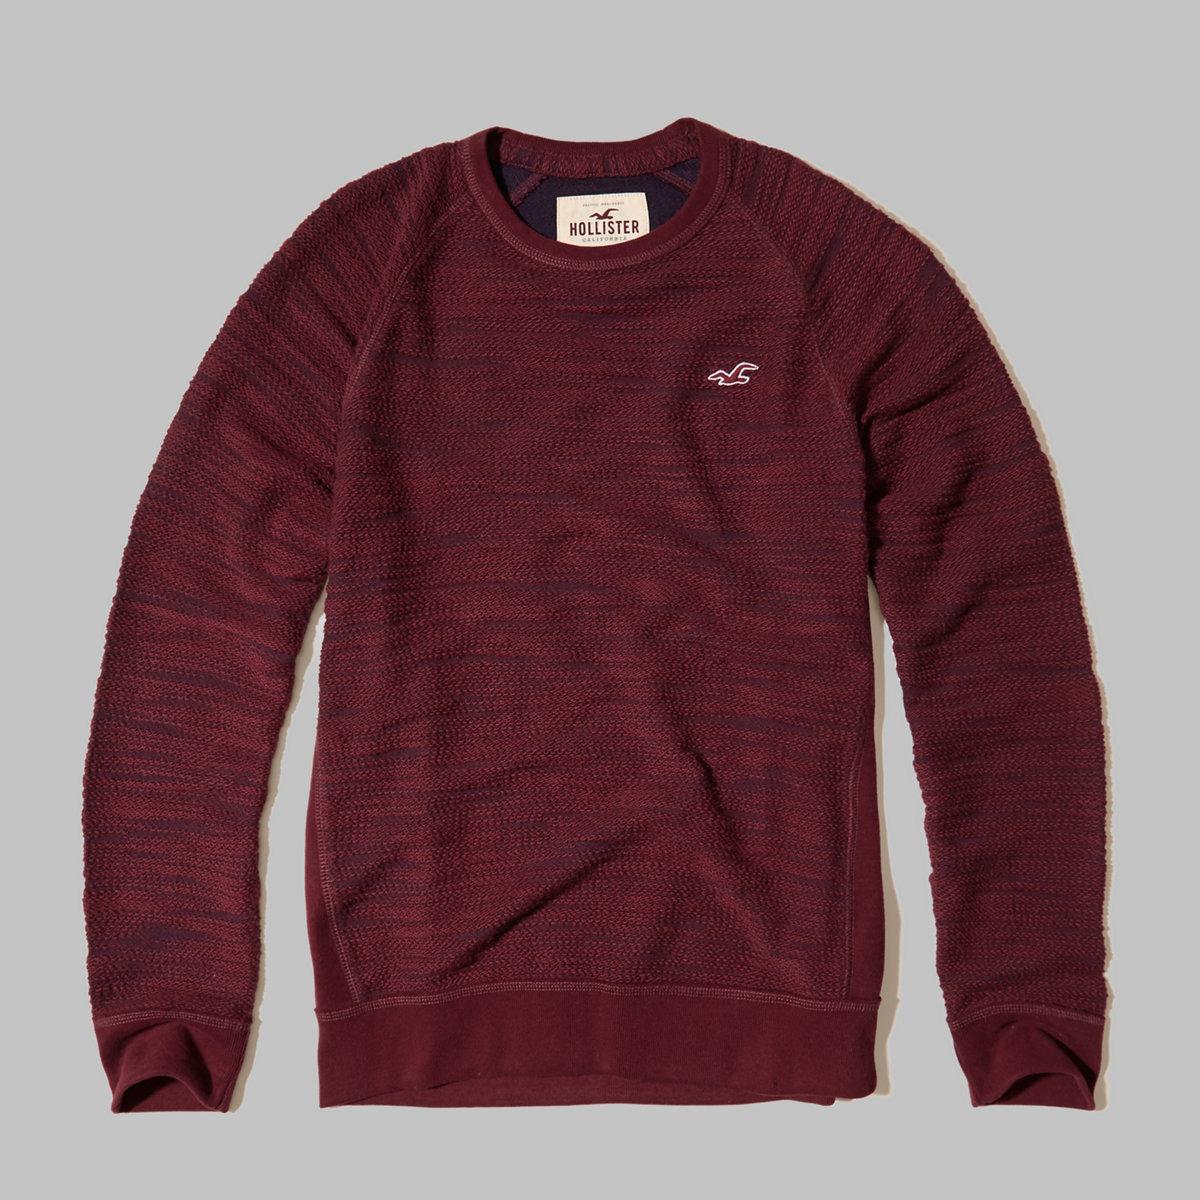 Textured Crew Sweatshirt